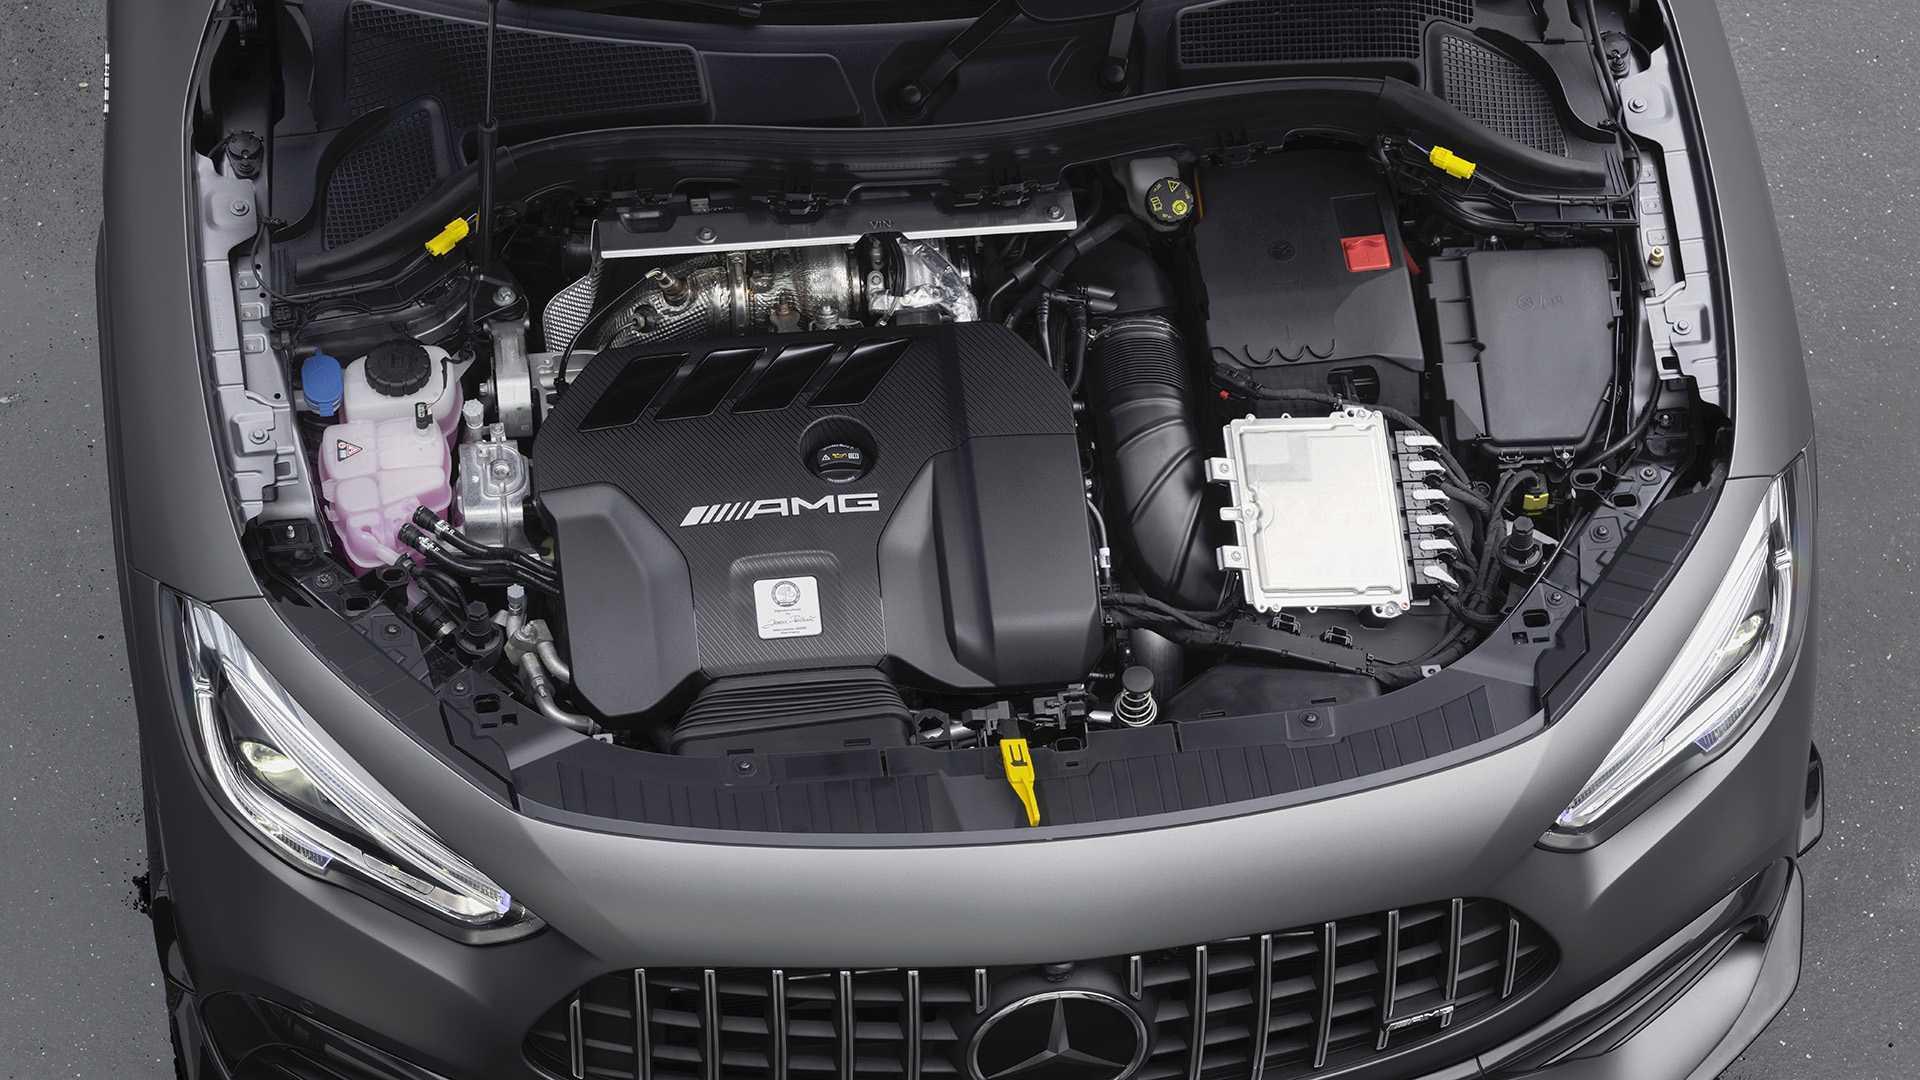 """Двухлитровая турбированная """"четверка"""" является одним из самых совершенных двигателей компании"""